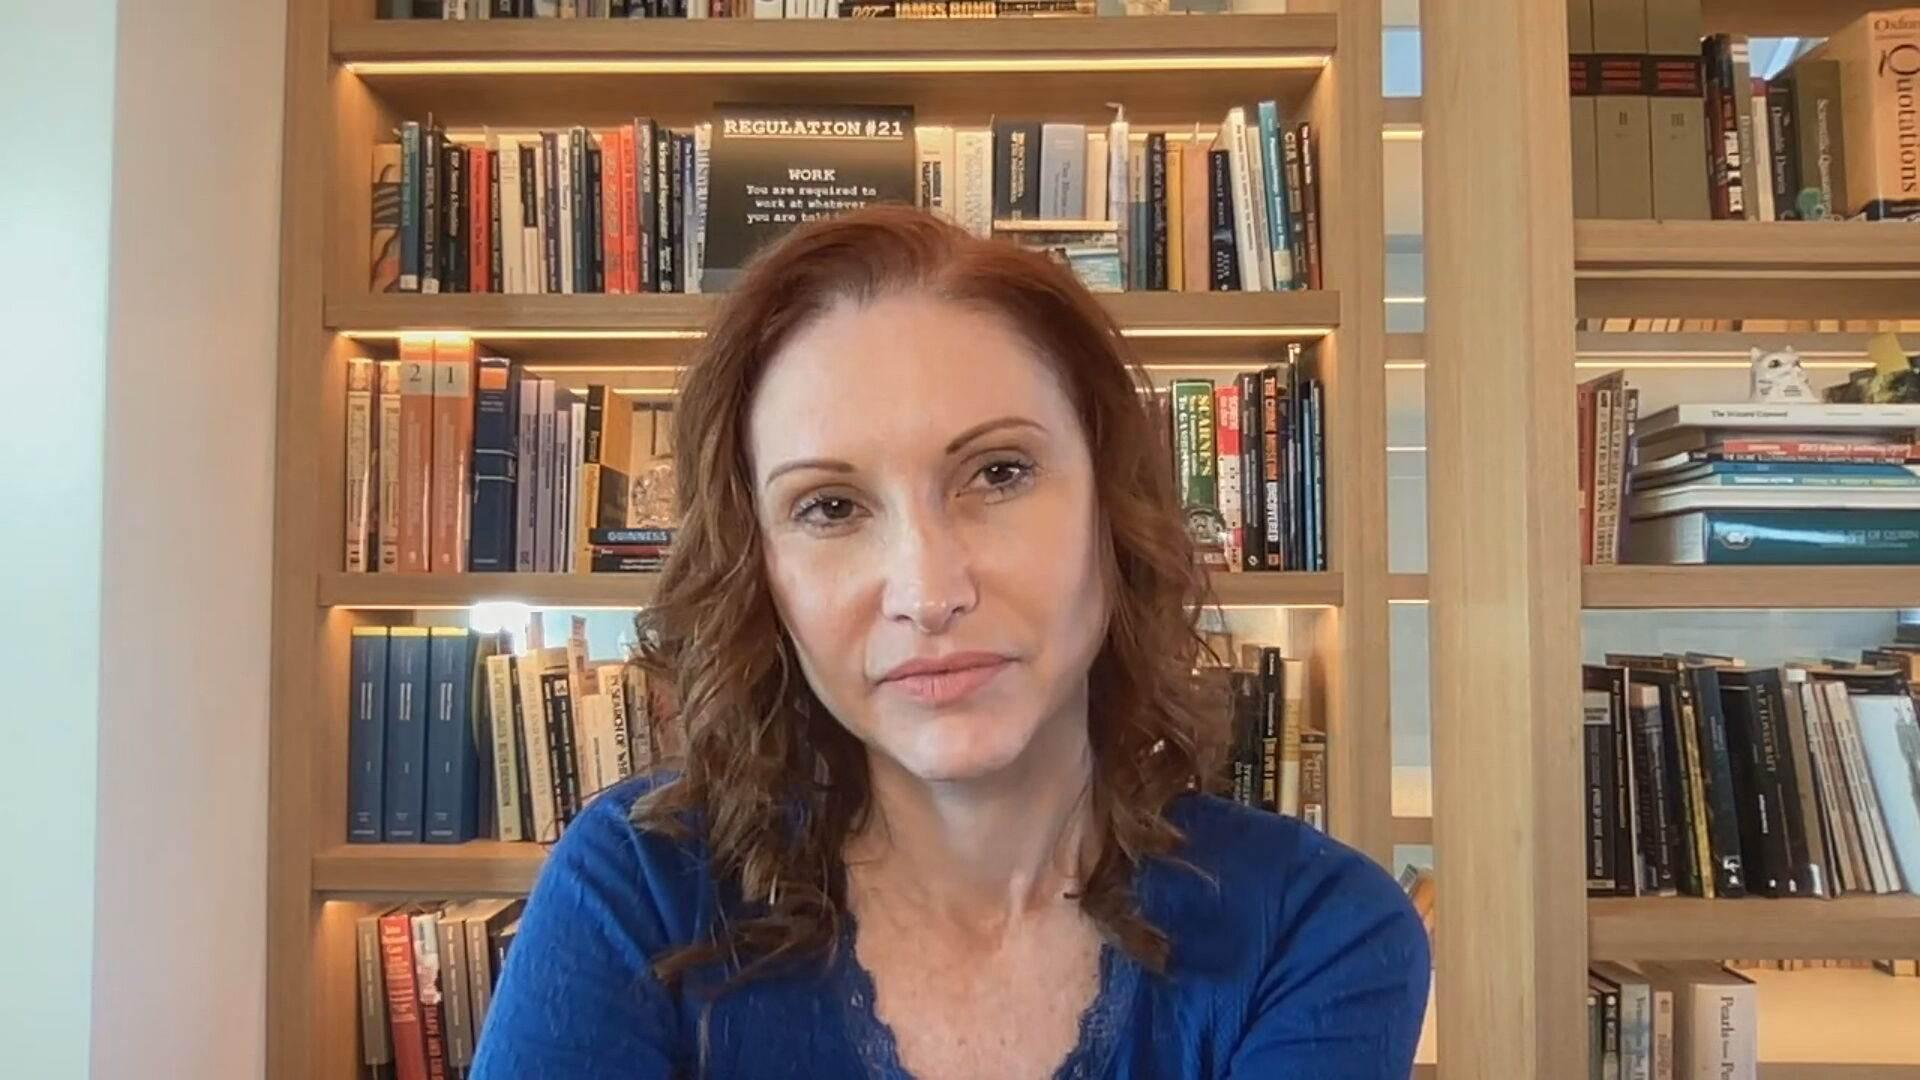 Natália Pasternak, microbiologista e presidente do Instituto Questão de Ciência